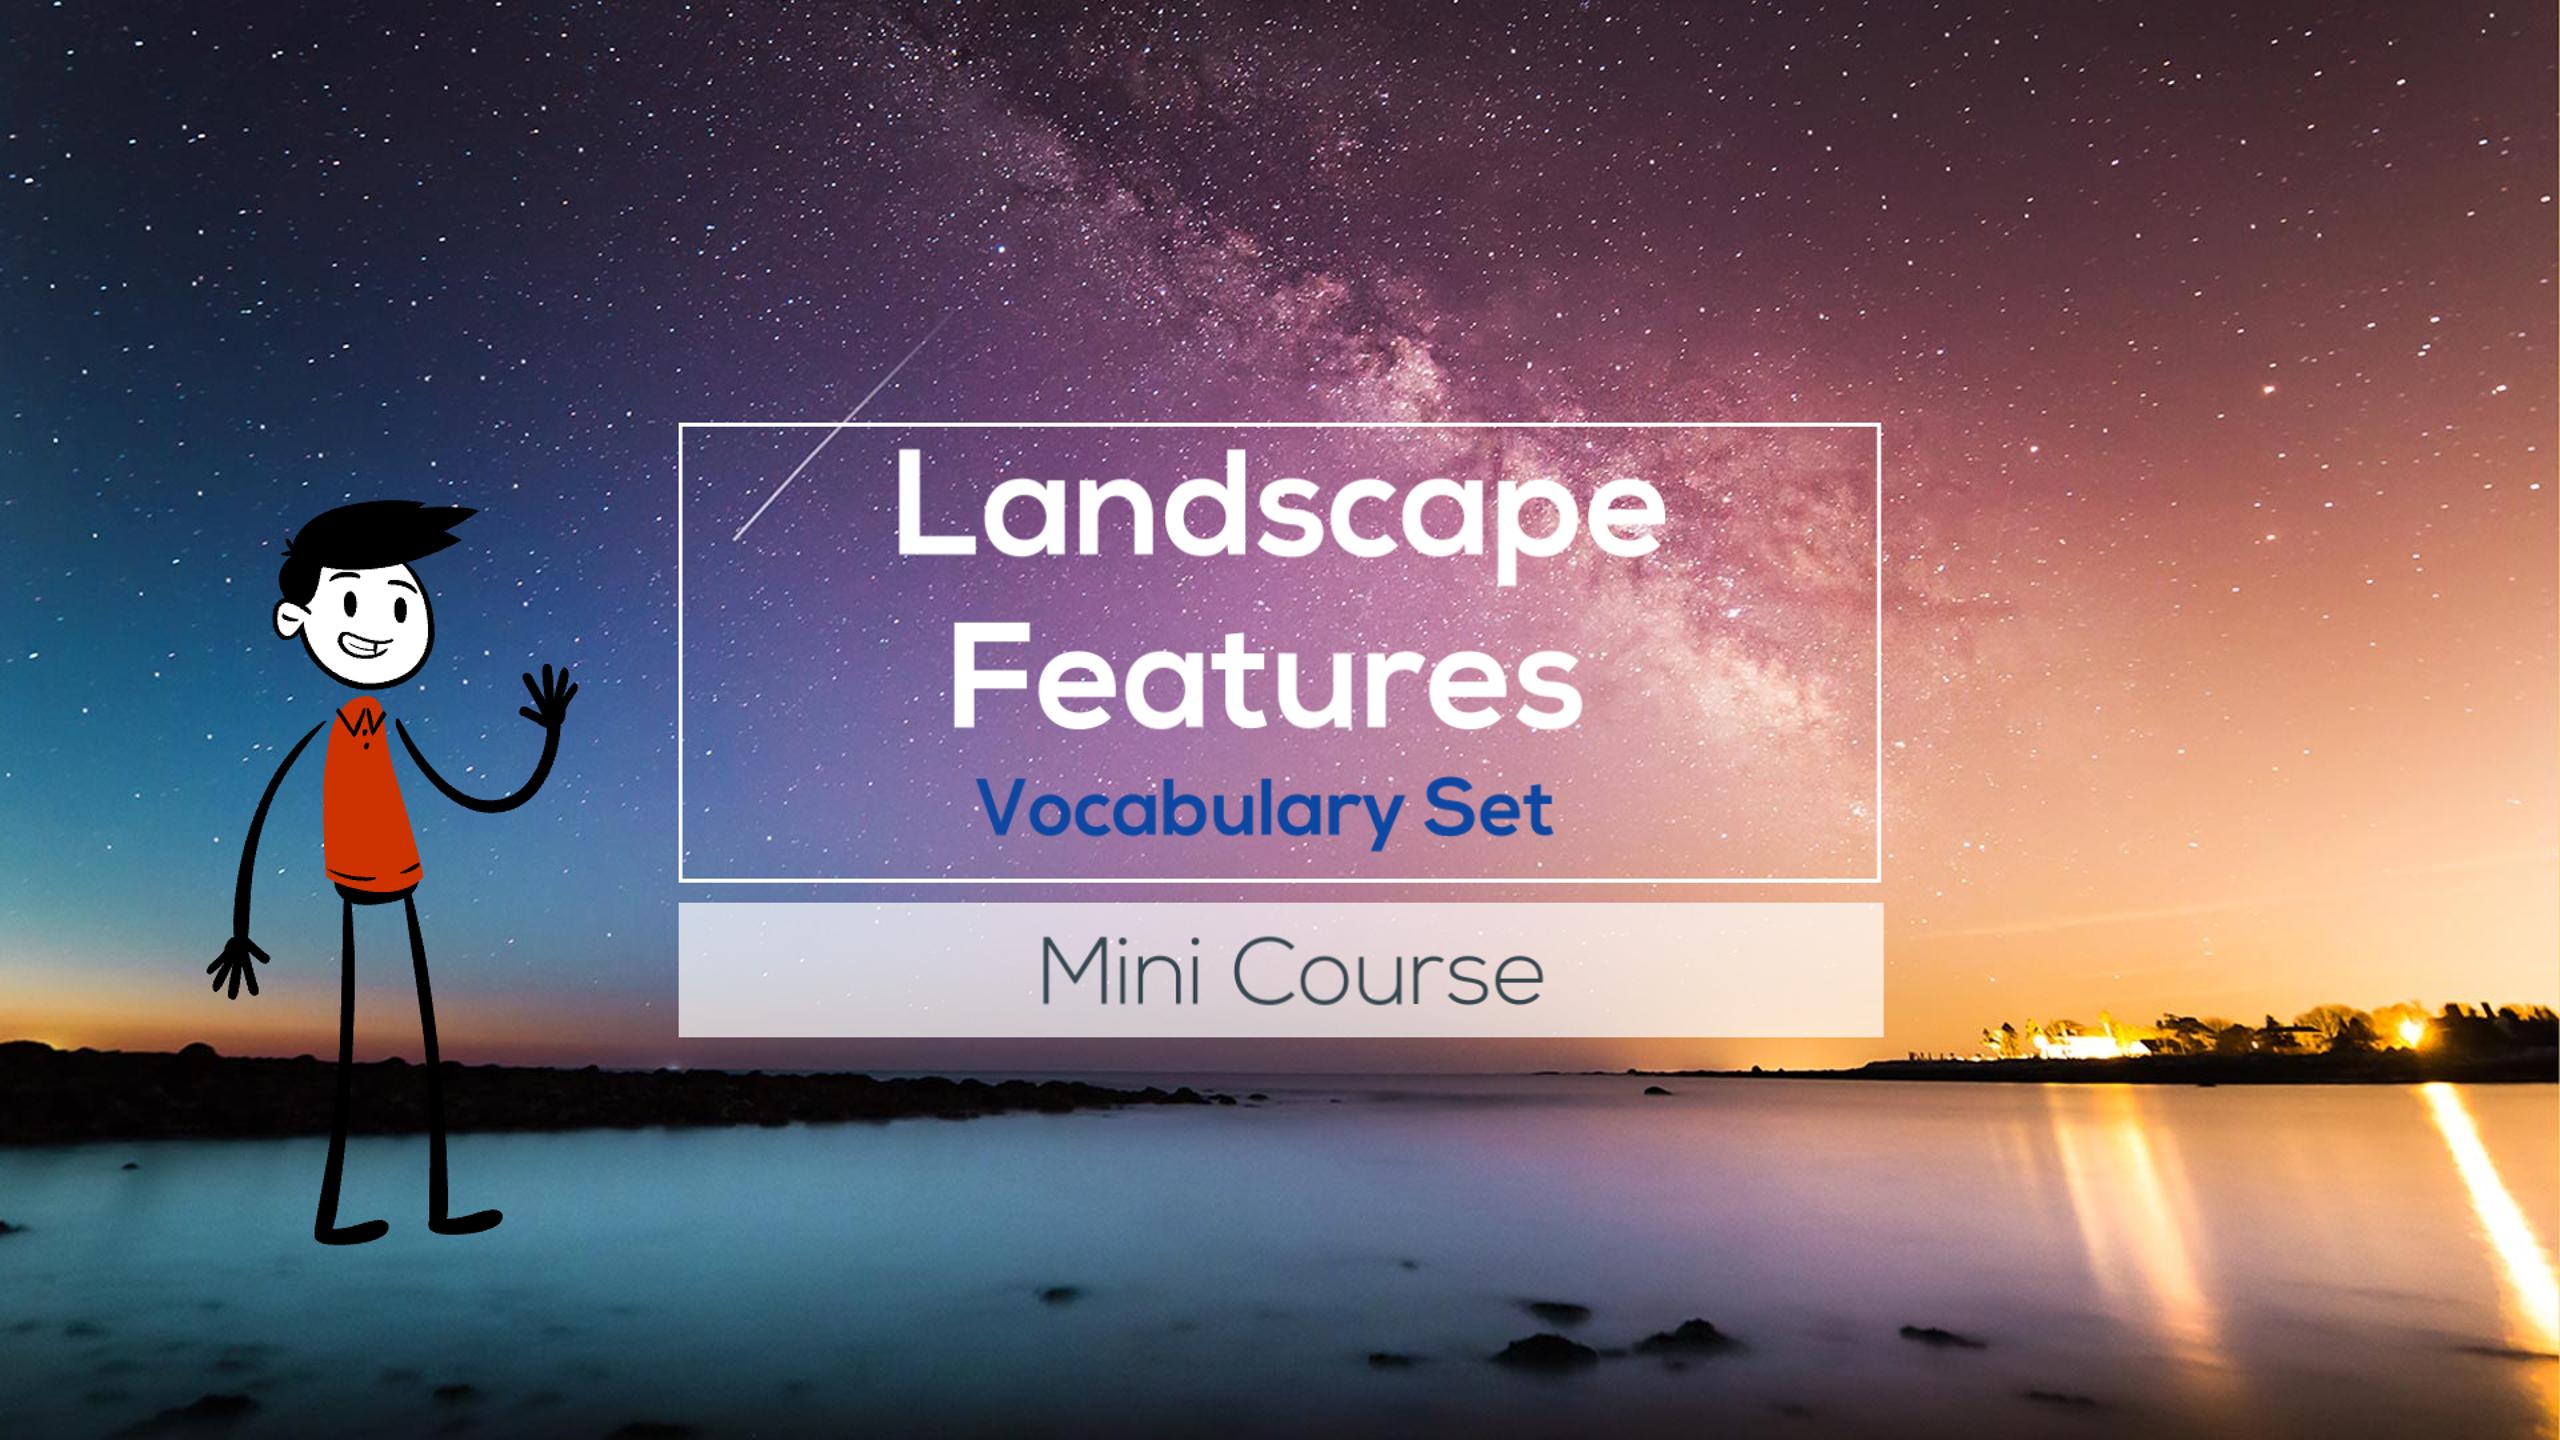 Landscape Features mini course